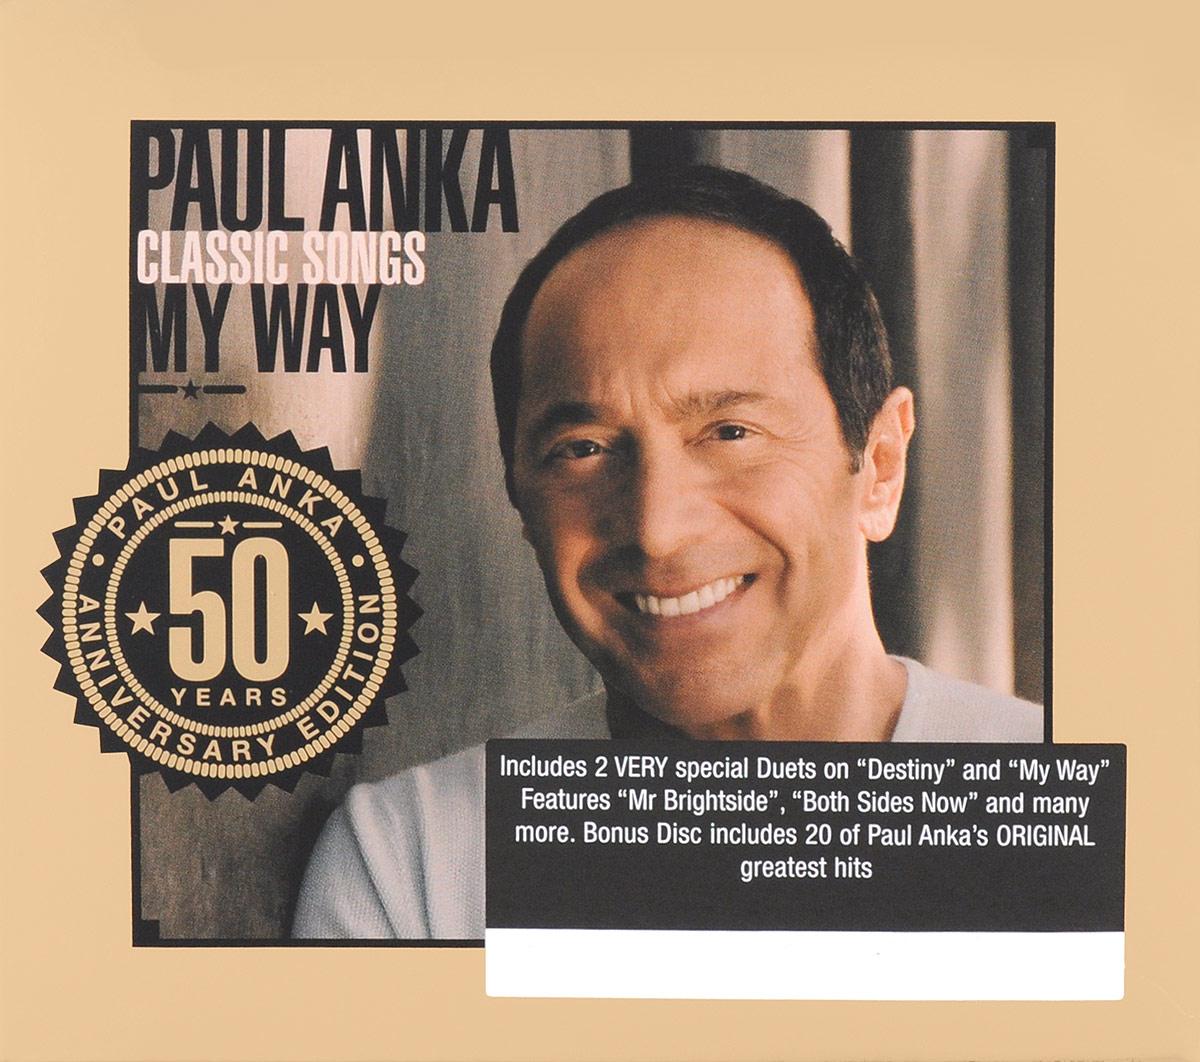 цена на Пол Анка,Майкл Бубле,Джон Бон Джови,Сэмми Дэвис младший Paul Anka. Classic Songs. My Way. 50th Anniversary Edition (2 CD)